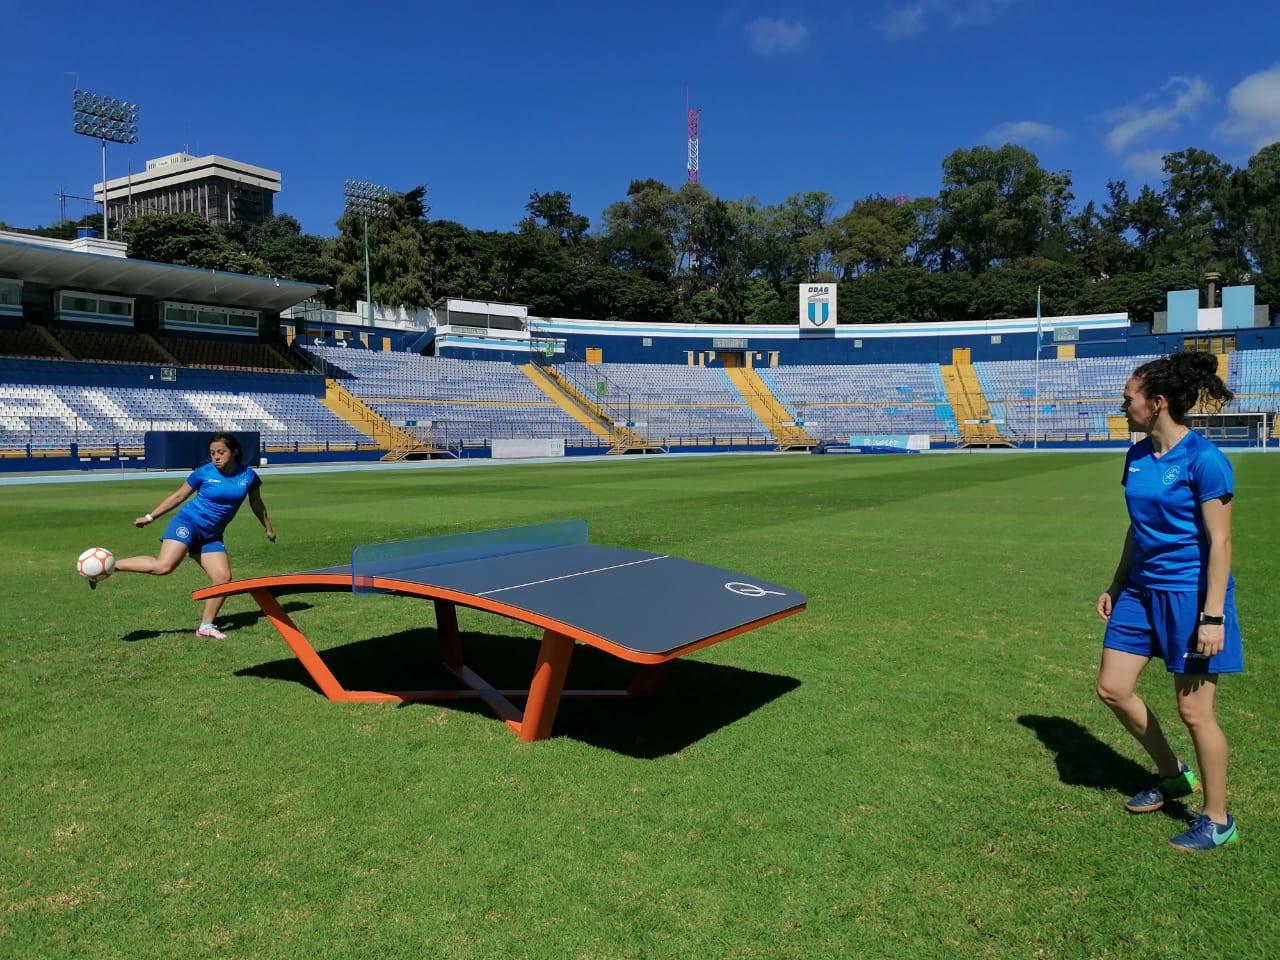 Guatemala Teqball Tour set for April kick-off